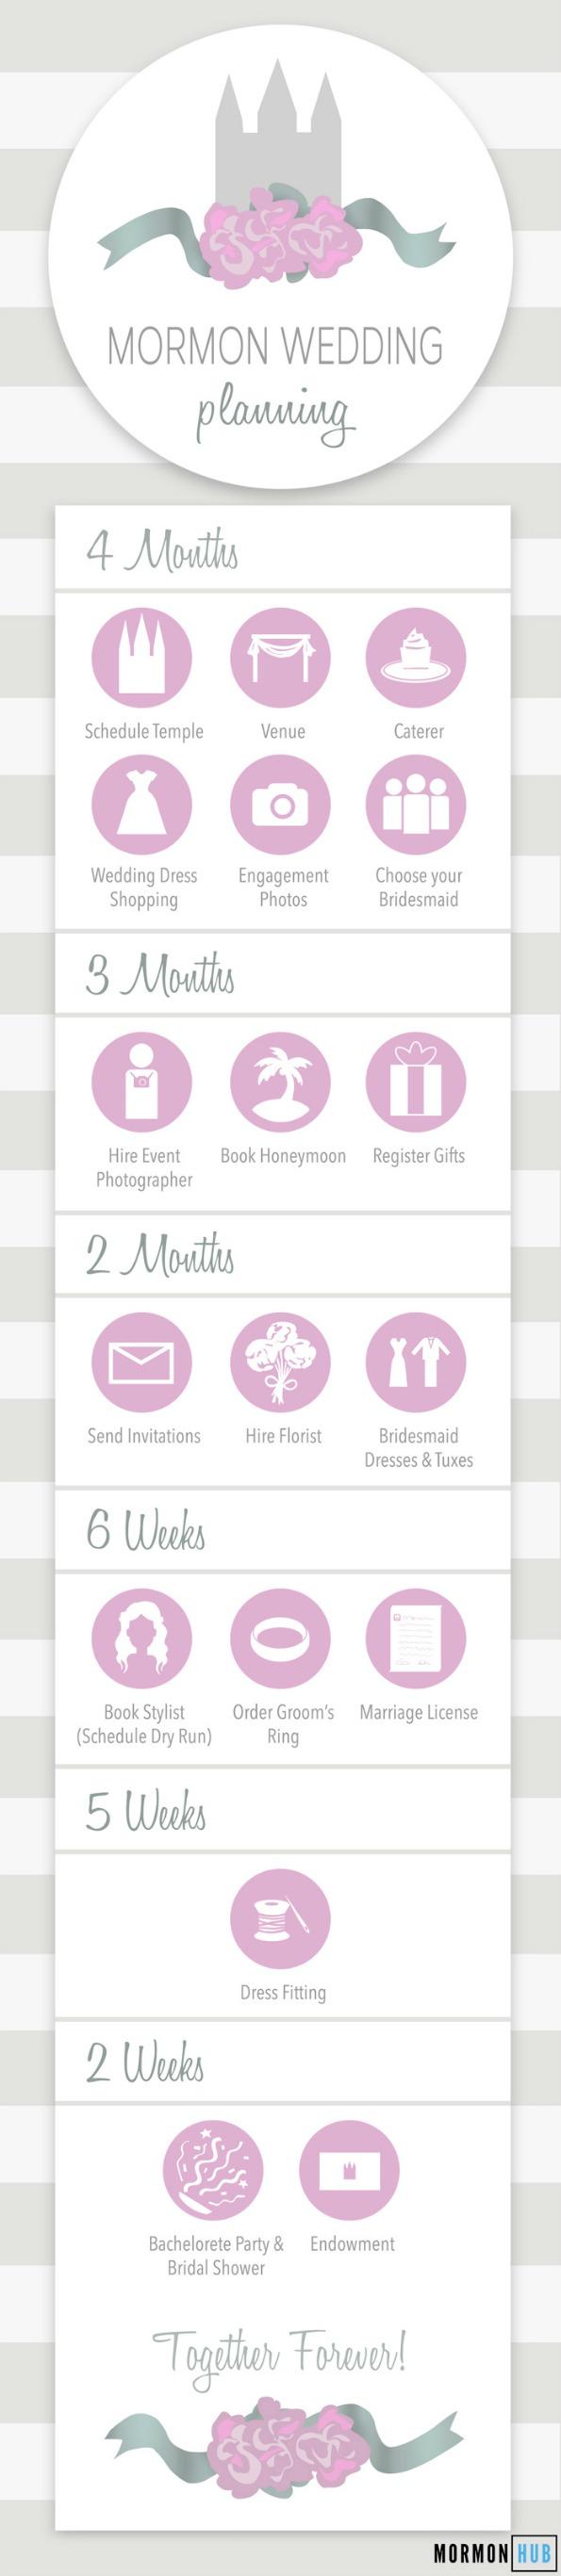 How a plan a Mormon wedding